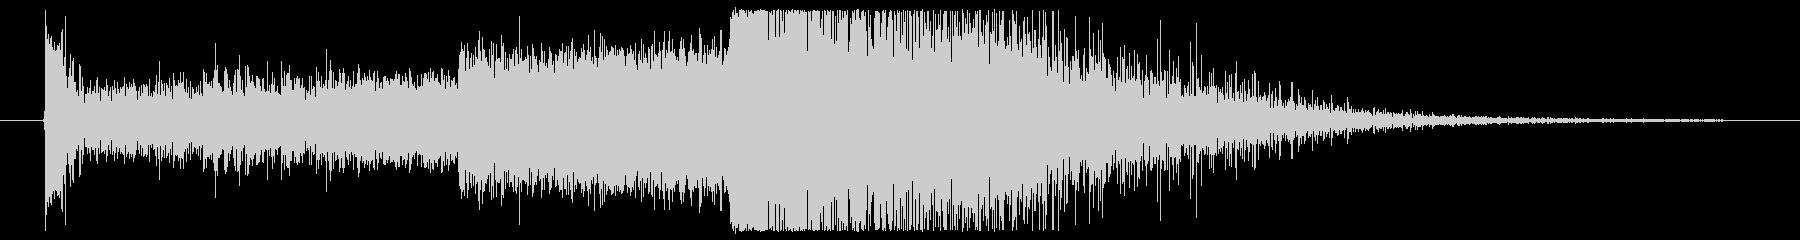 波動砲を発射する時の効果音・SEの未再生の波形